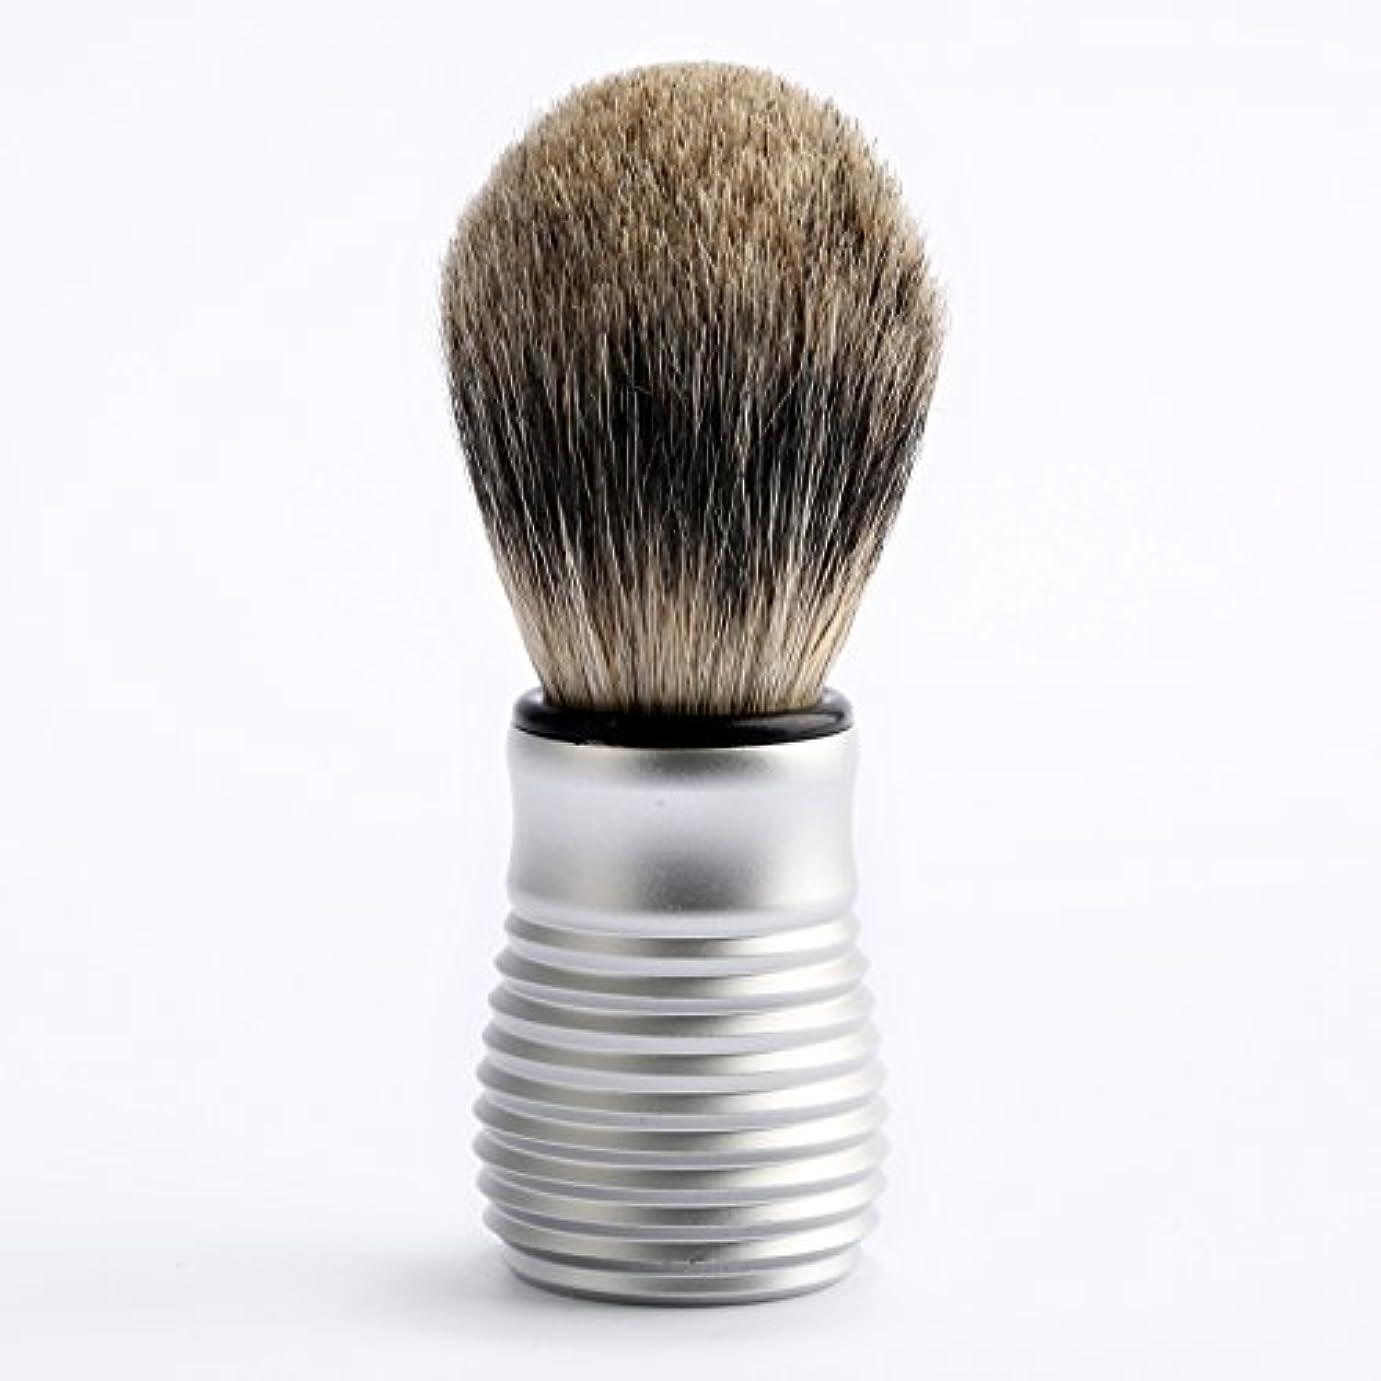 確立強打エンコミウムひげブラシ メンズ用 髭剃り ブラシ アナグマ毛シェービングブラシ ギフト 理容 洗顔 髭剃り 泡立ち アルミ製のハンドル シルバー